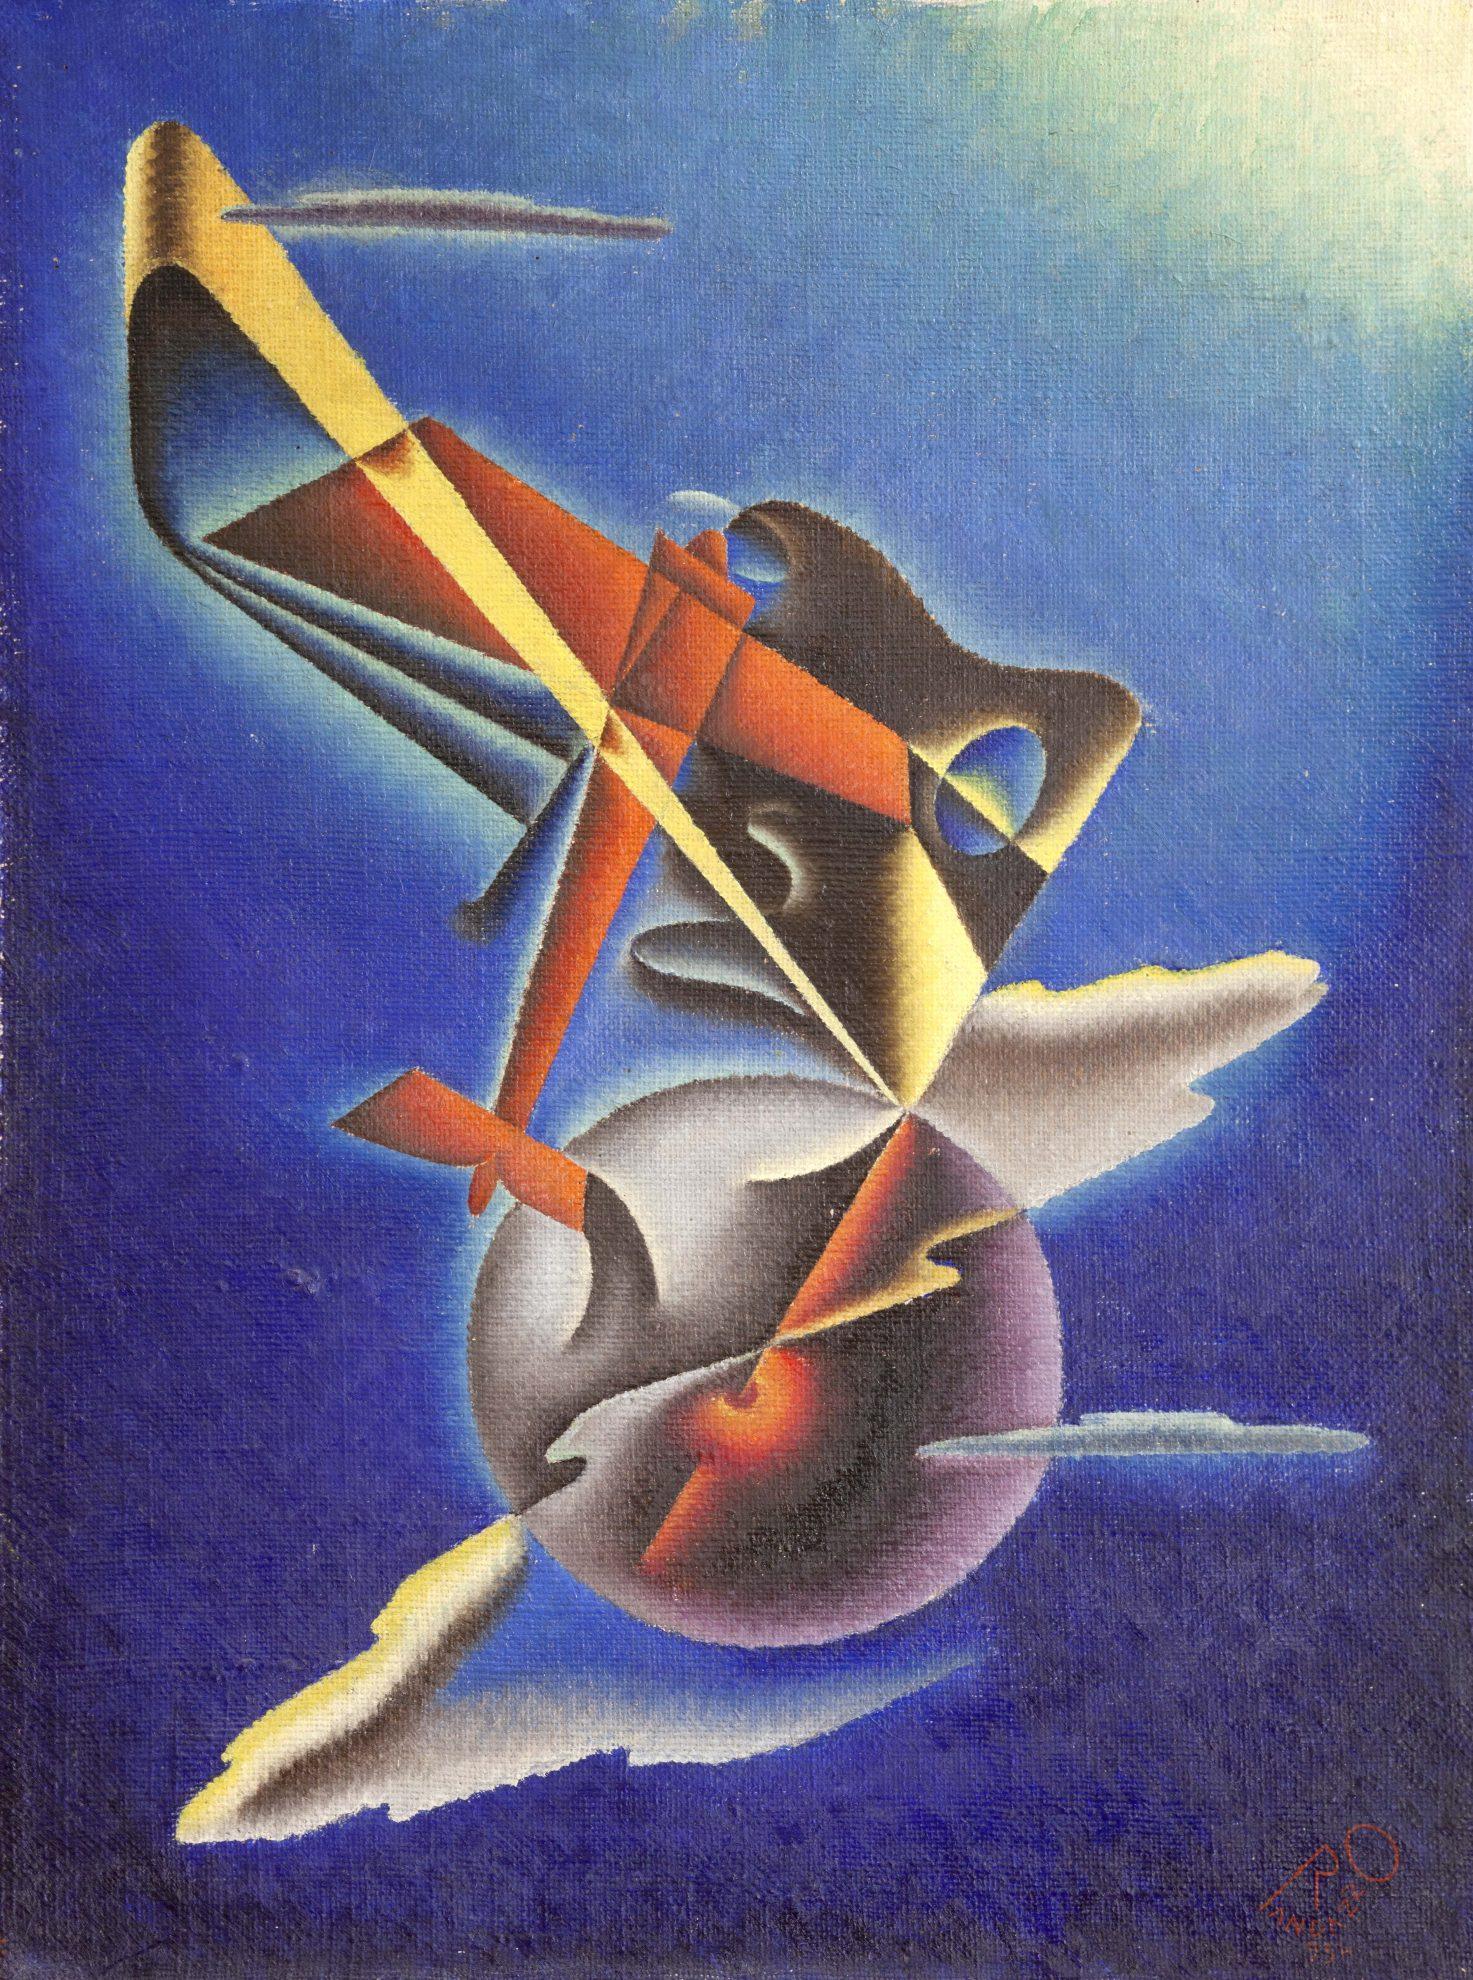 1934 ASPIRAZIONI AEROPITTORICHE olio su tela cm 101,5x71 2 Quadriennale Roma